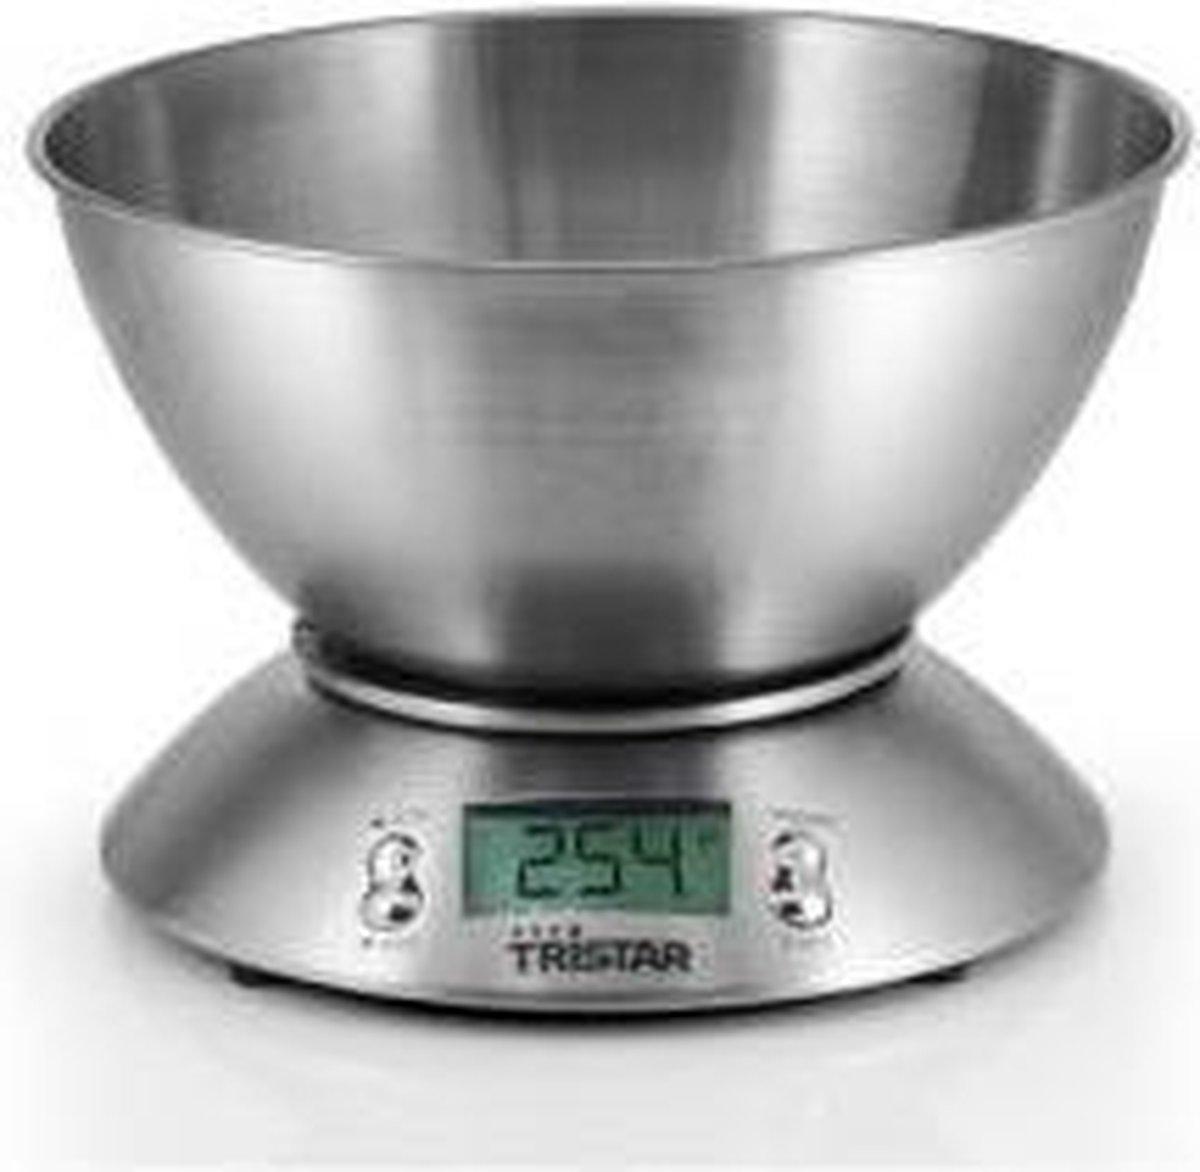 Tristar KW-2436 Keukenweegschaal   Tot 5 kg   RVS